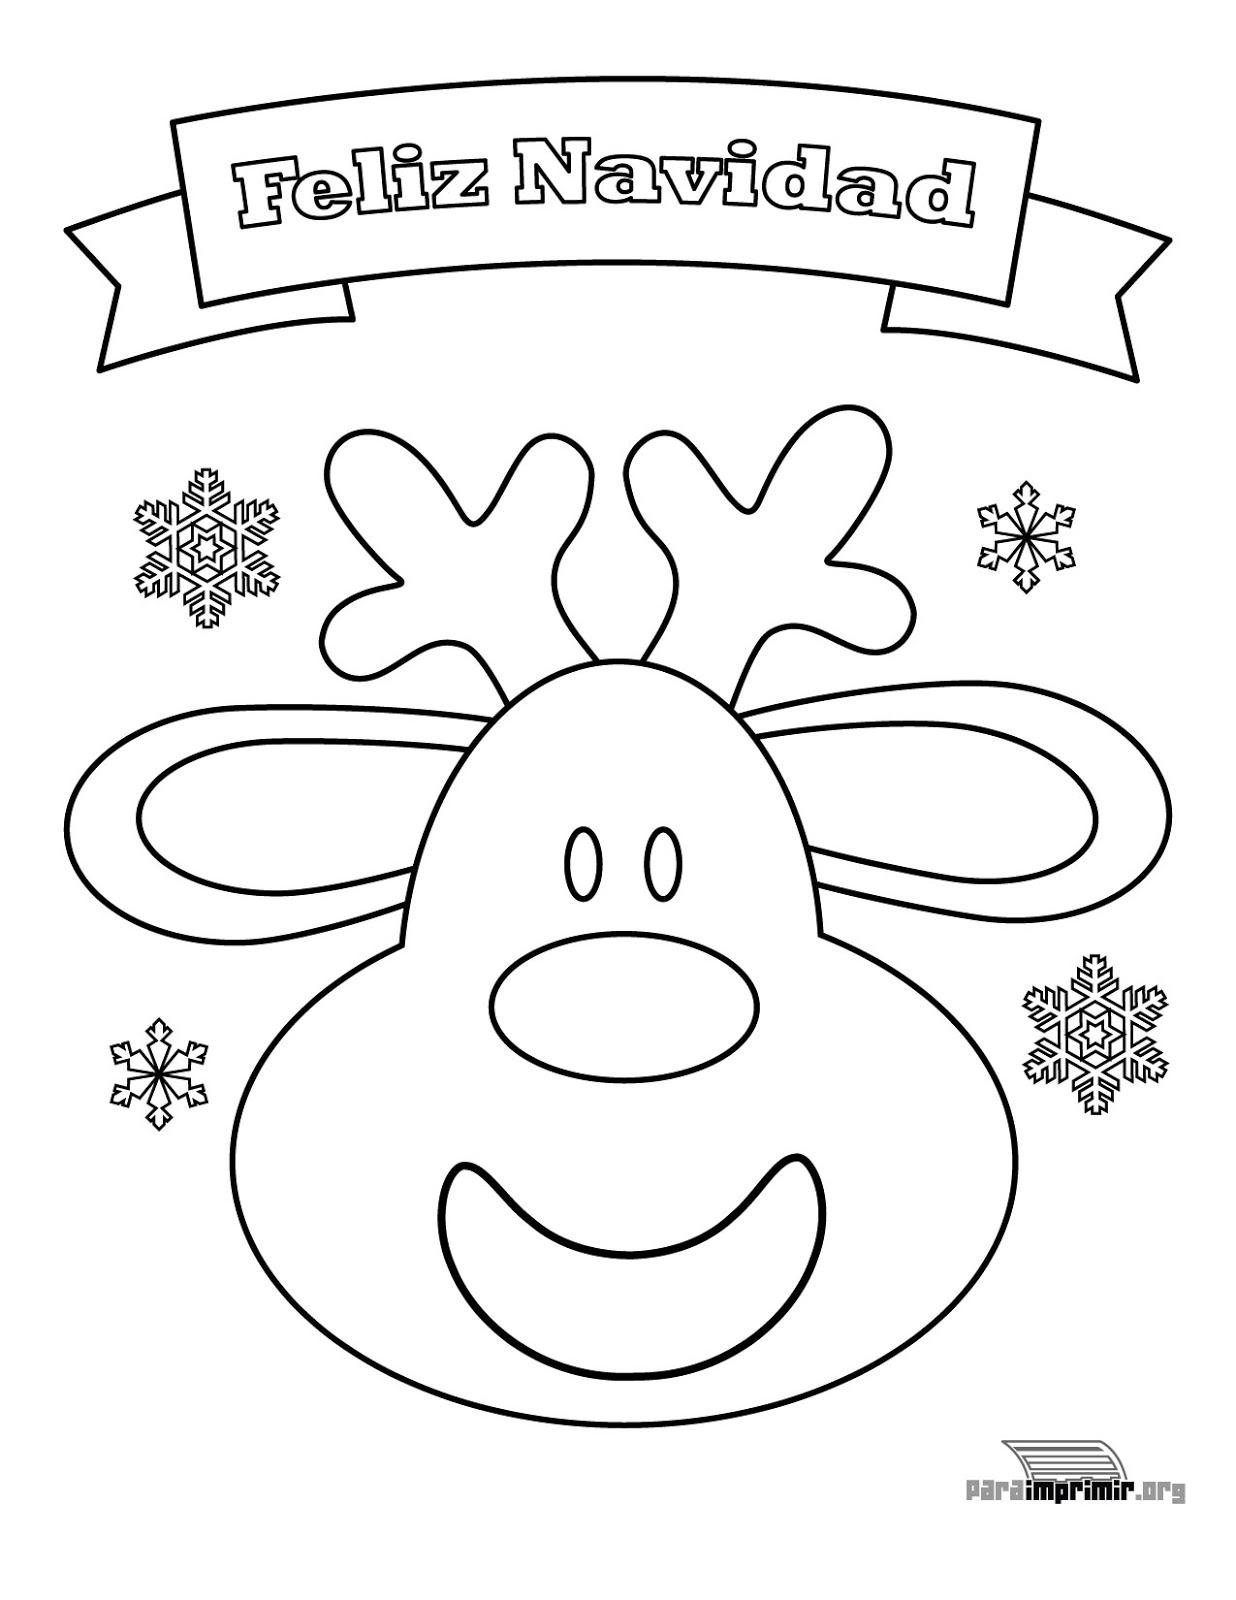 20 Dibujos navideñas para colorear | Imagenes para las redes ...